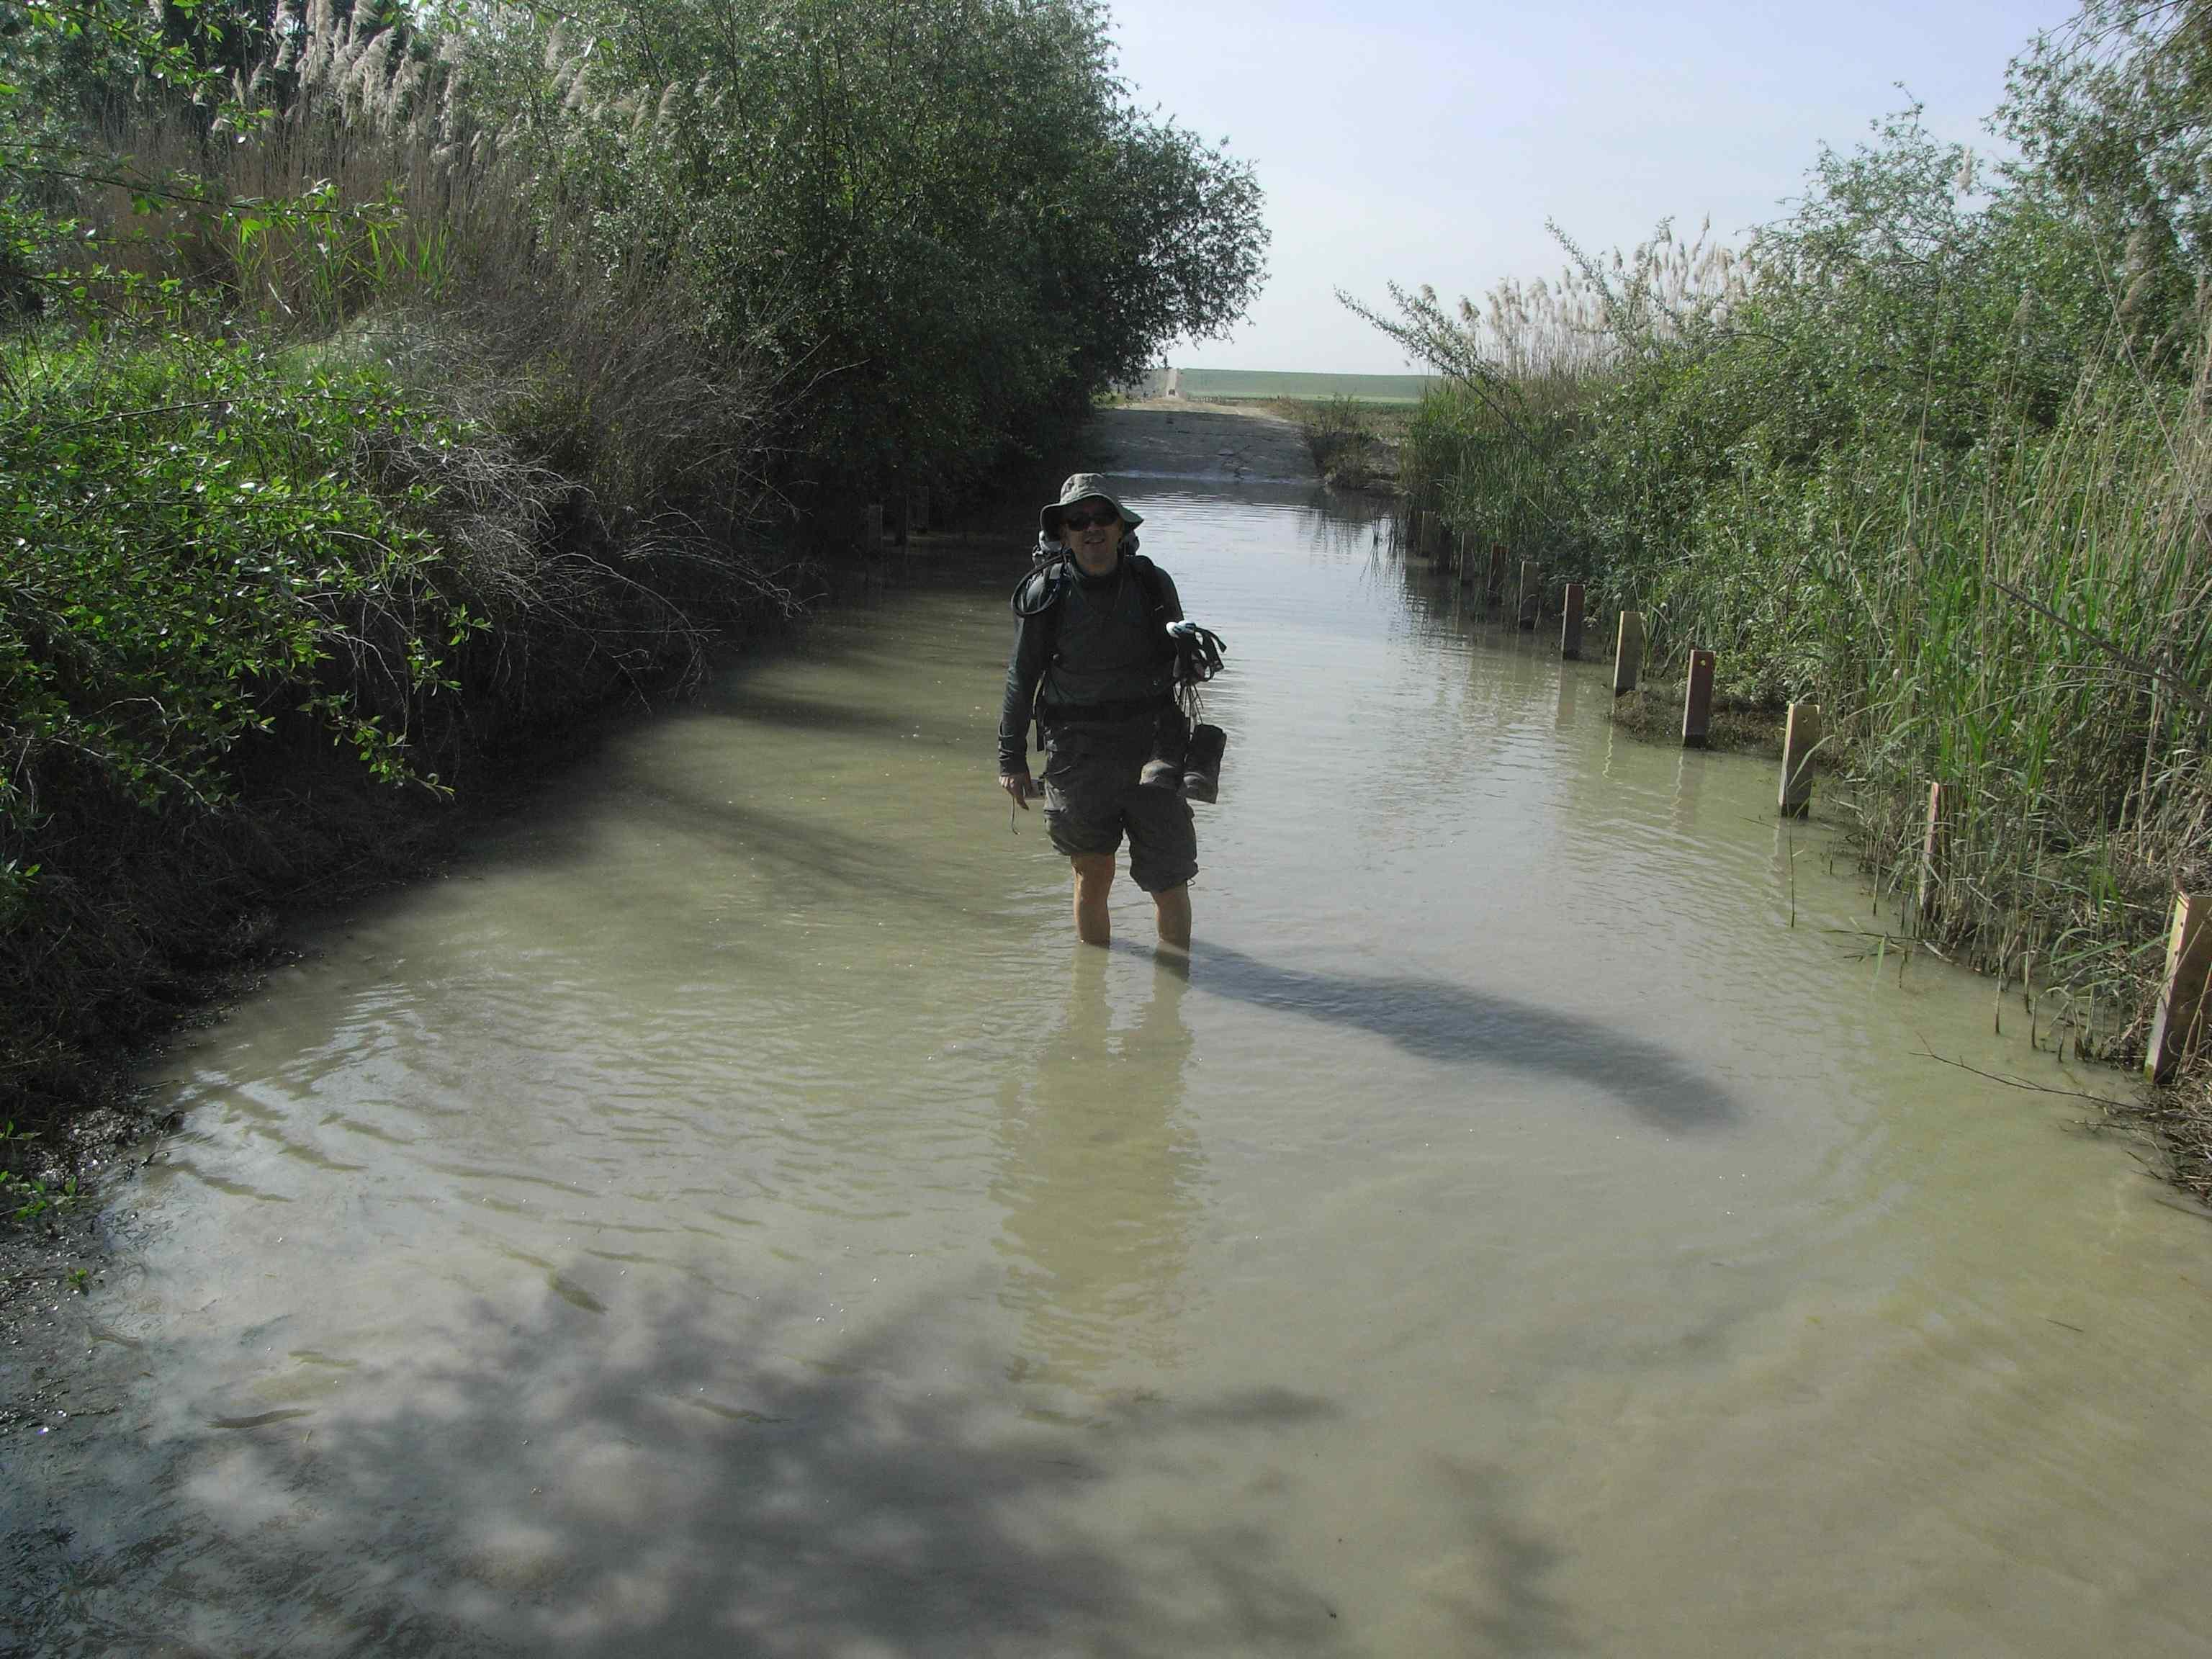 Cruzando el arroyo de los molinos sin botas